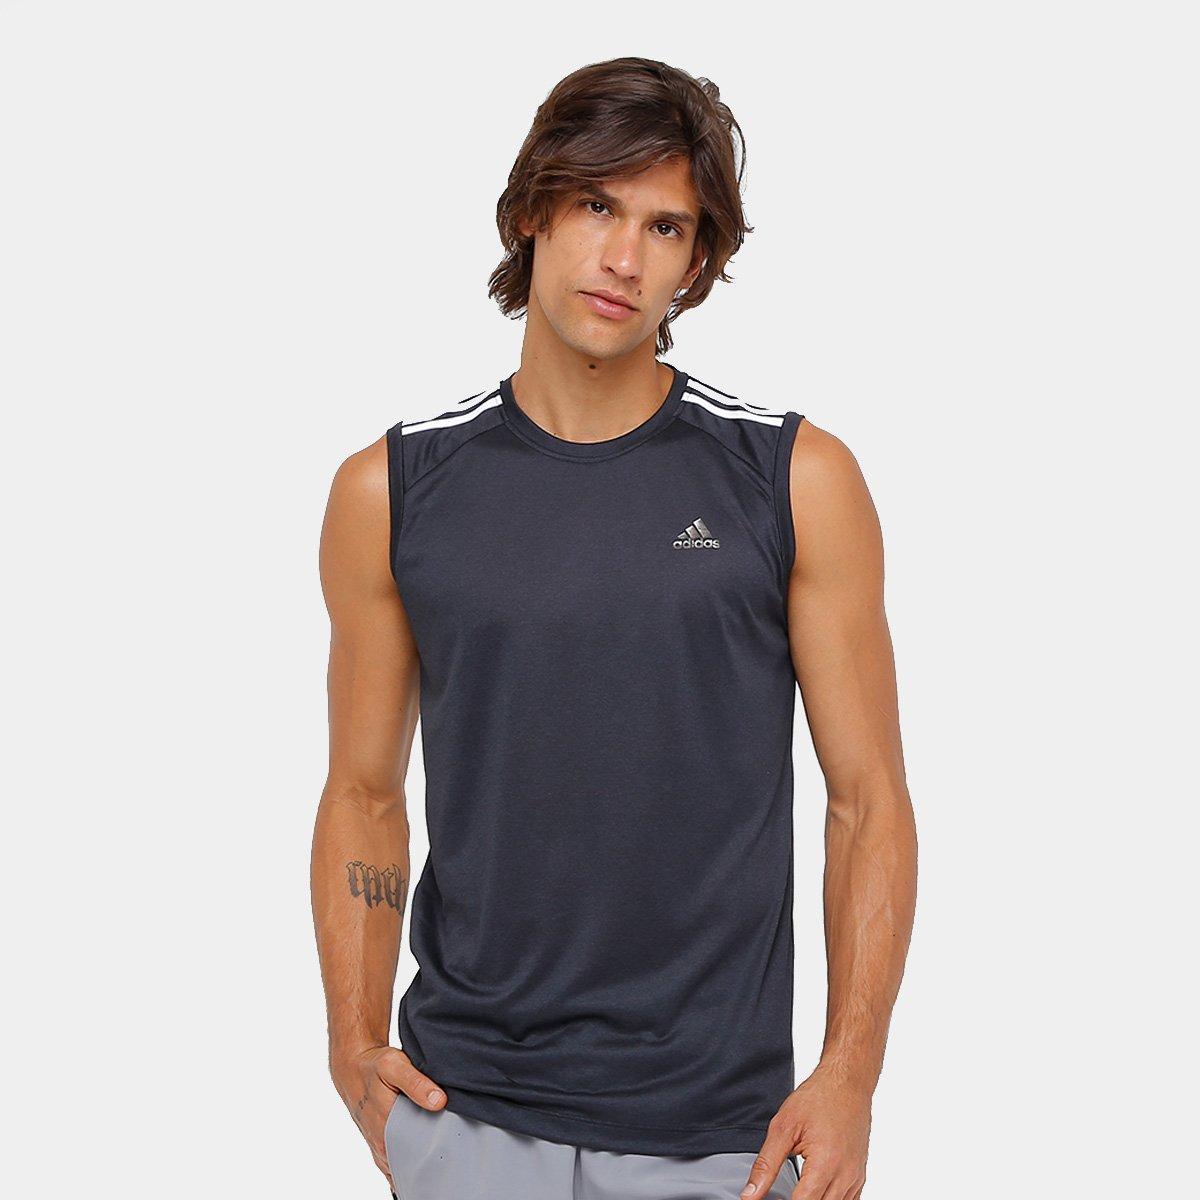 afe713e0efc5a Camiseta Regata Adidas Ess 3S Egb Masculina - Compre Agora